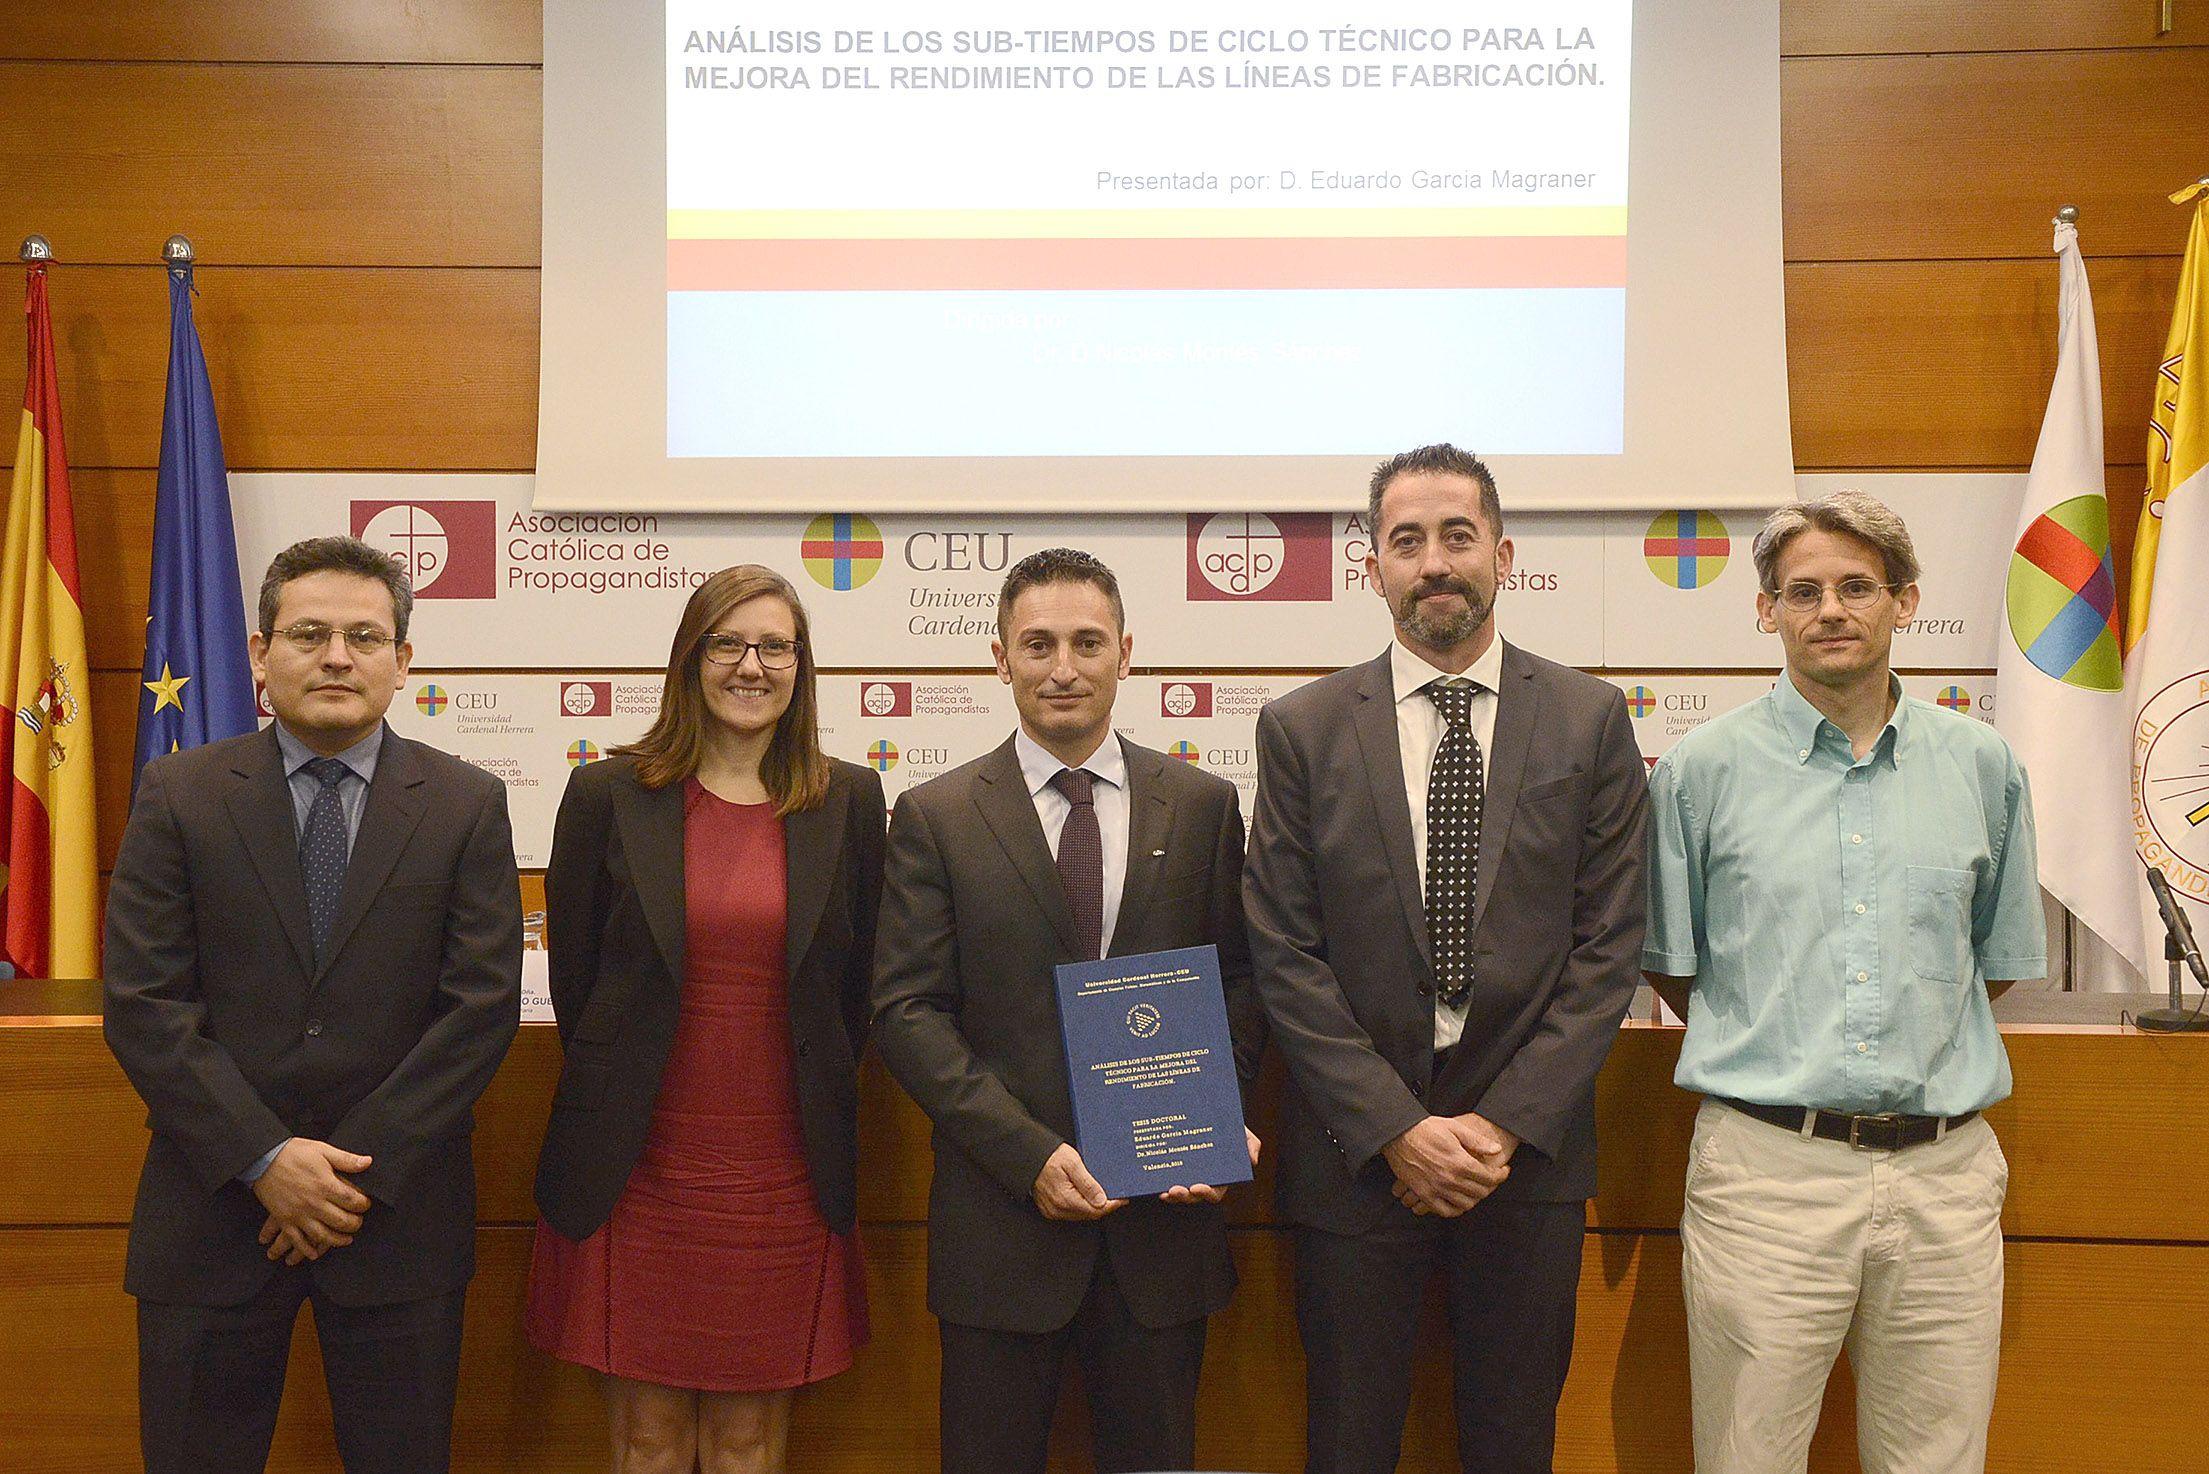 Los miembros del tribunal junto al autor y al director de la tesis. De izquierda a derecha, Ubaldo Pineda, Nuria Rosillo, Eduardo García Magraner, Nicolás Montes y Luis Gracia Calandín.